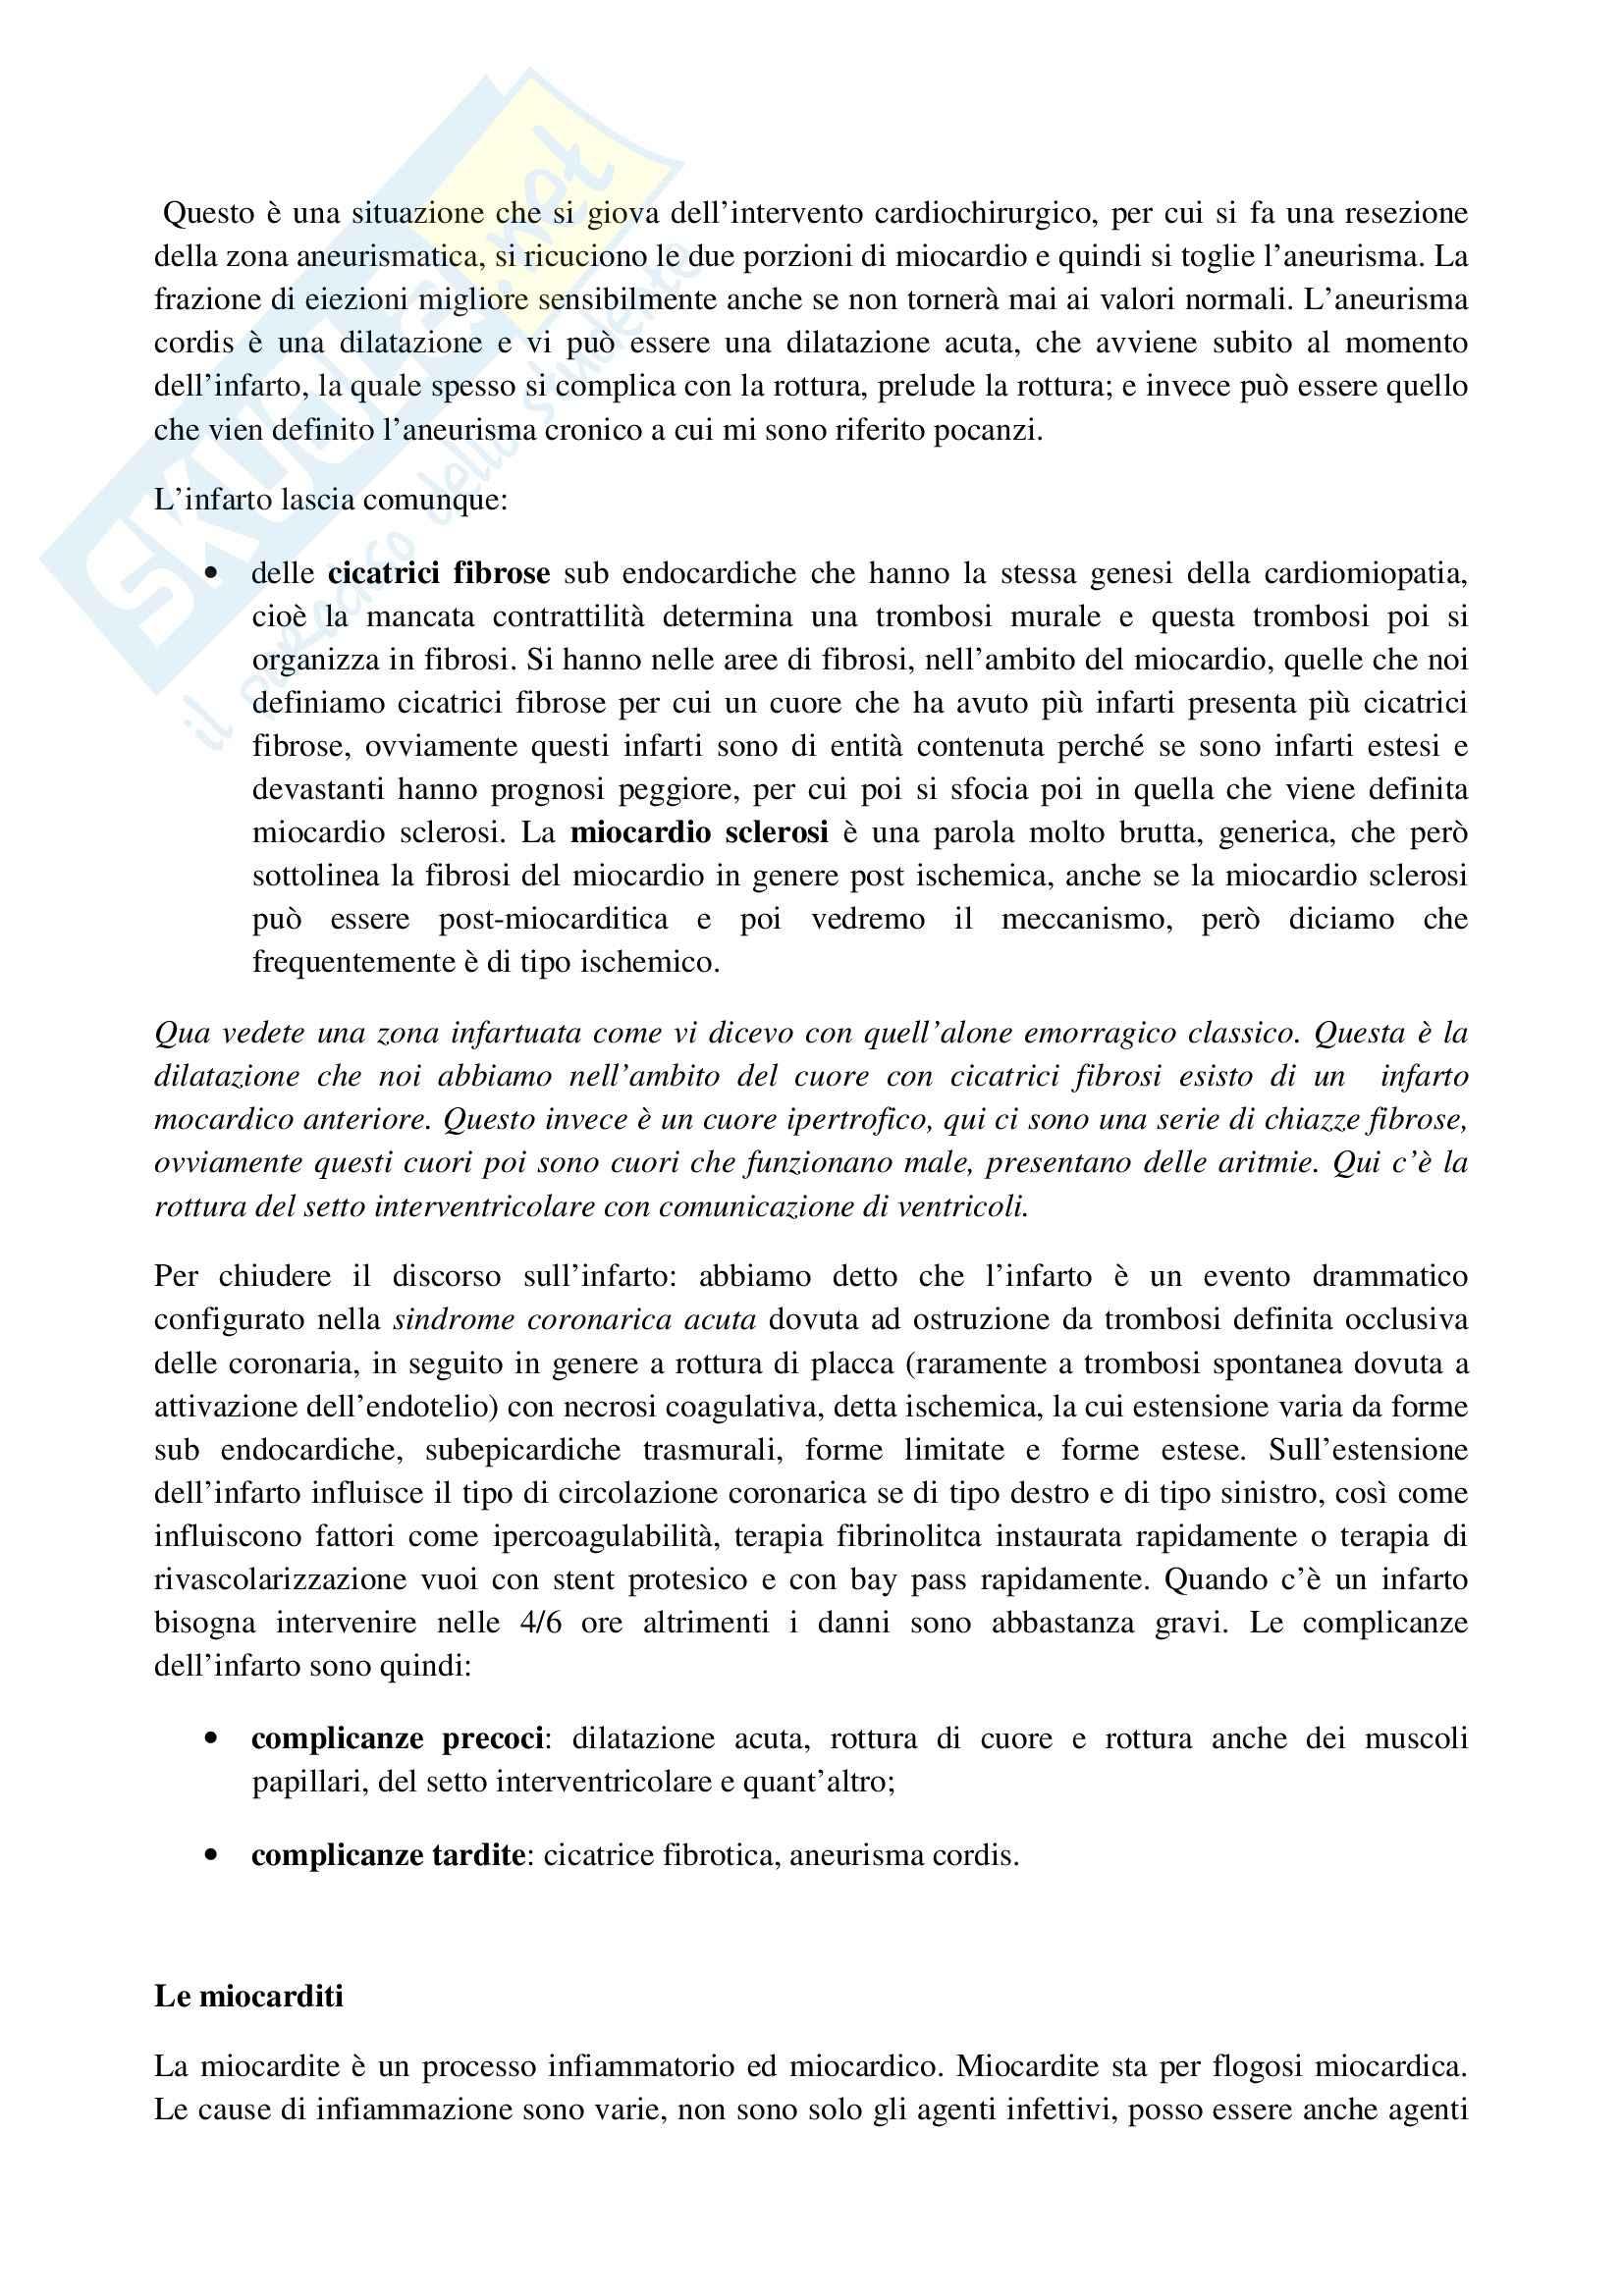 Anatomia patologica - necrosi miocardica Pag. 6